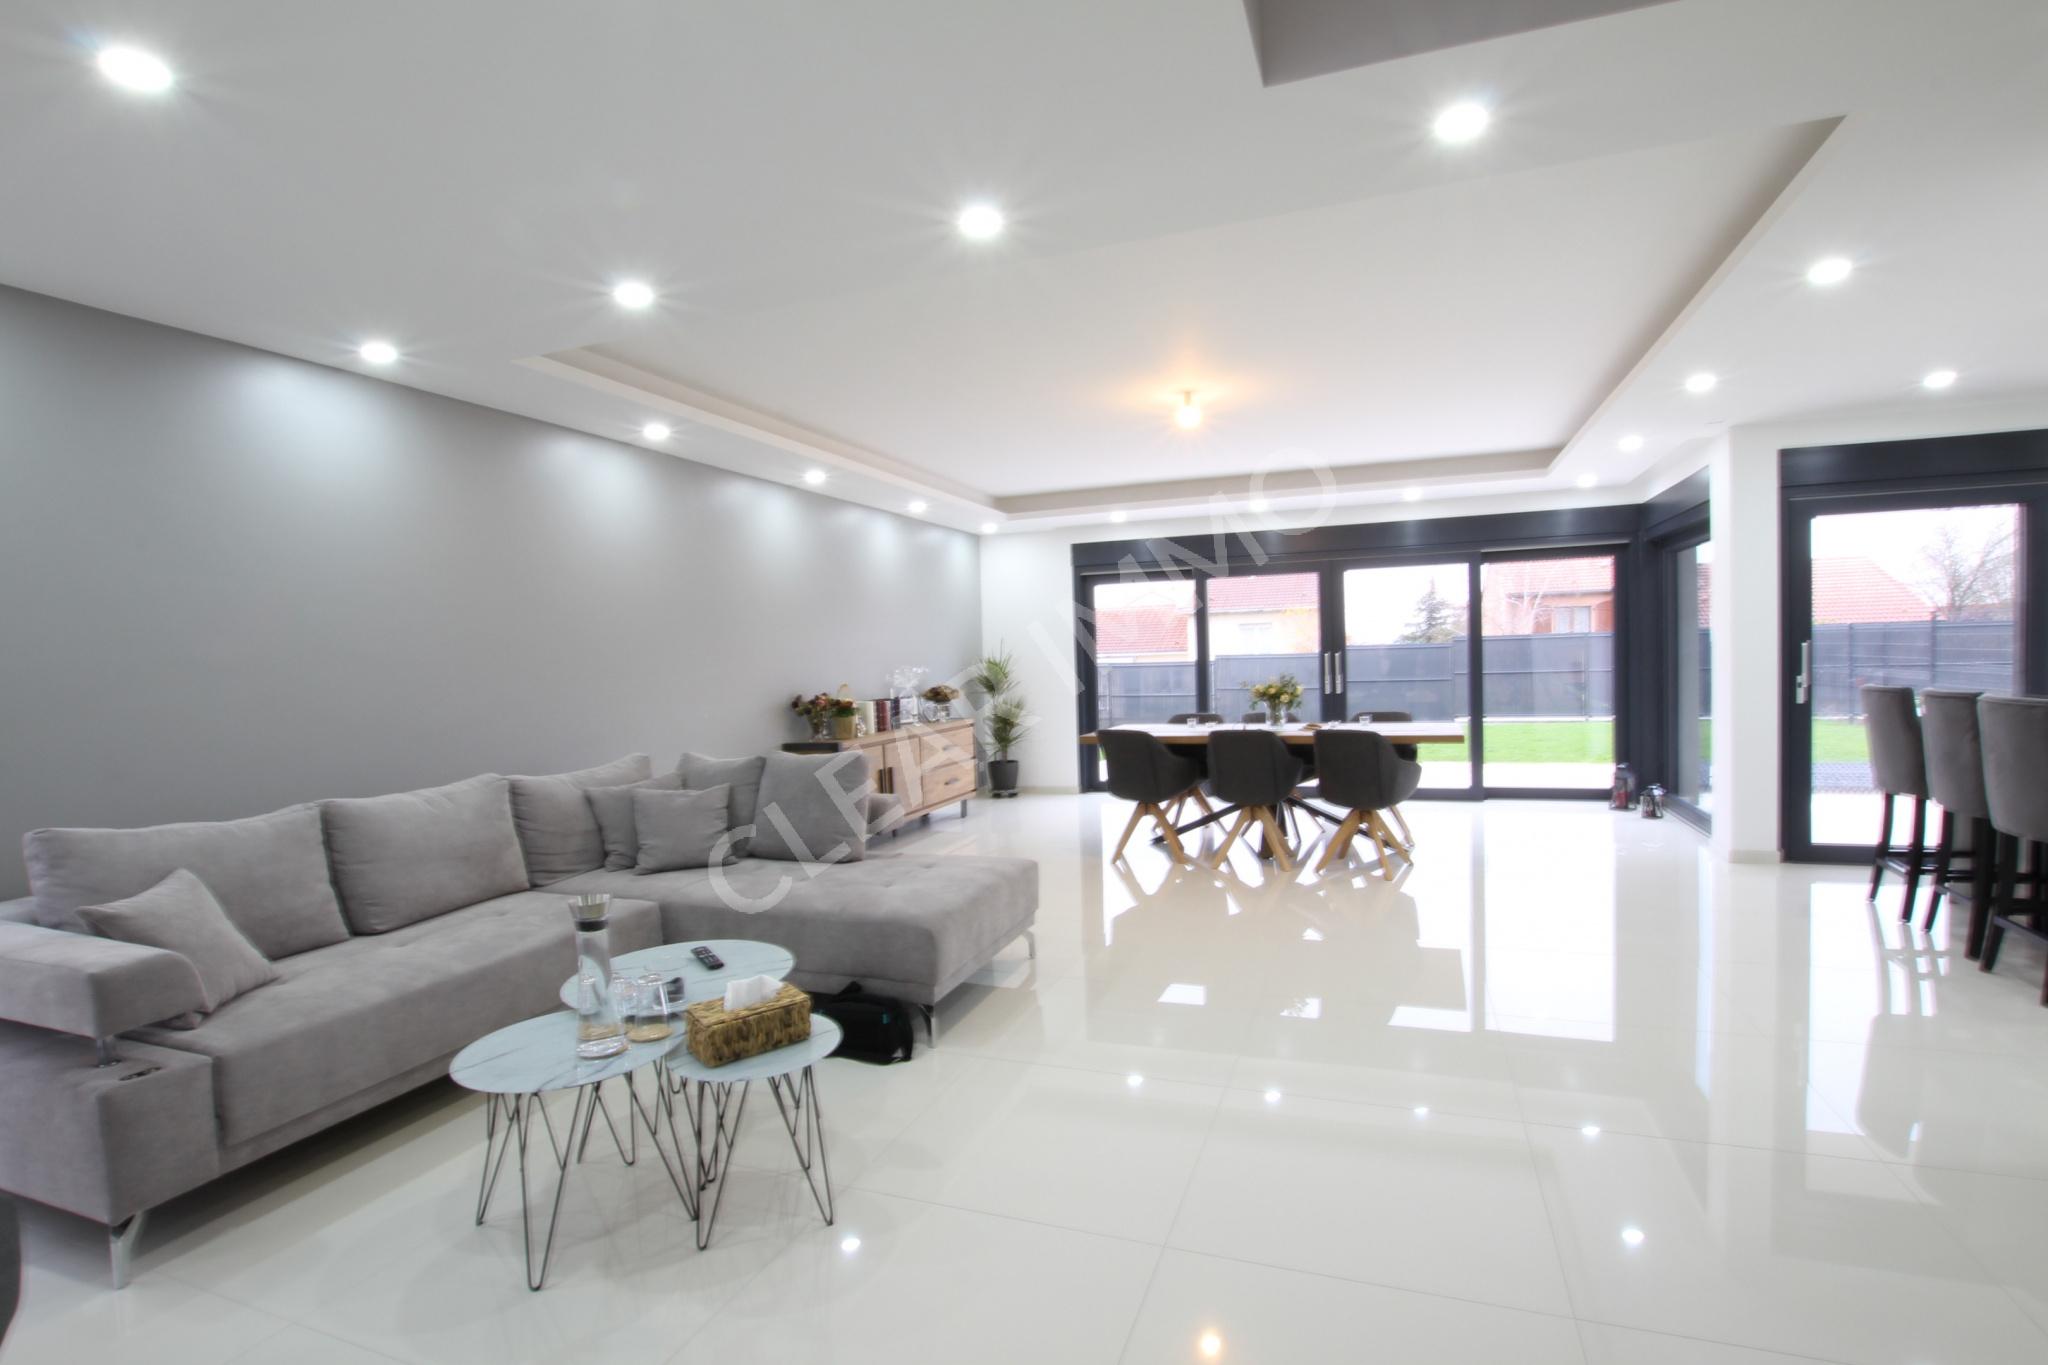 vente Maison Cubique moderne de 2018 avec 165m2 habitables